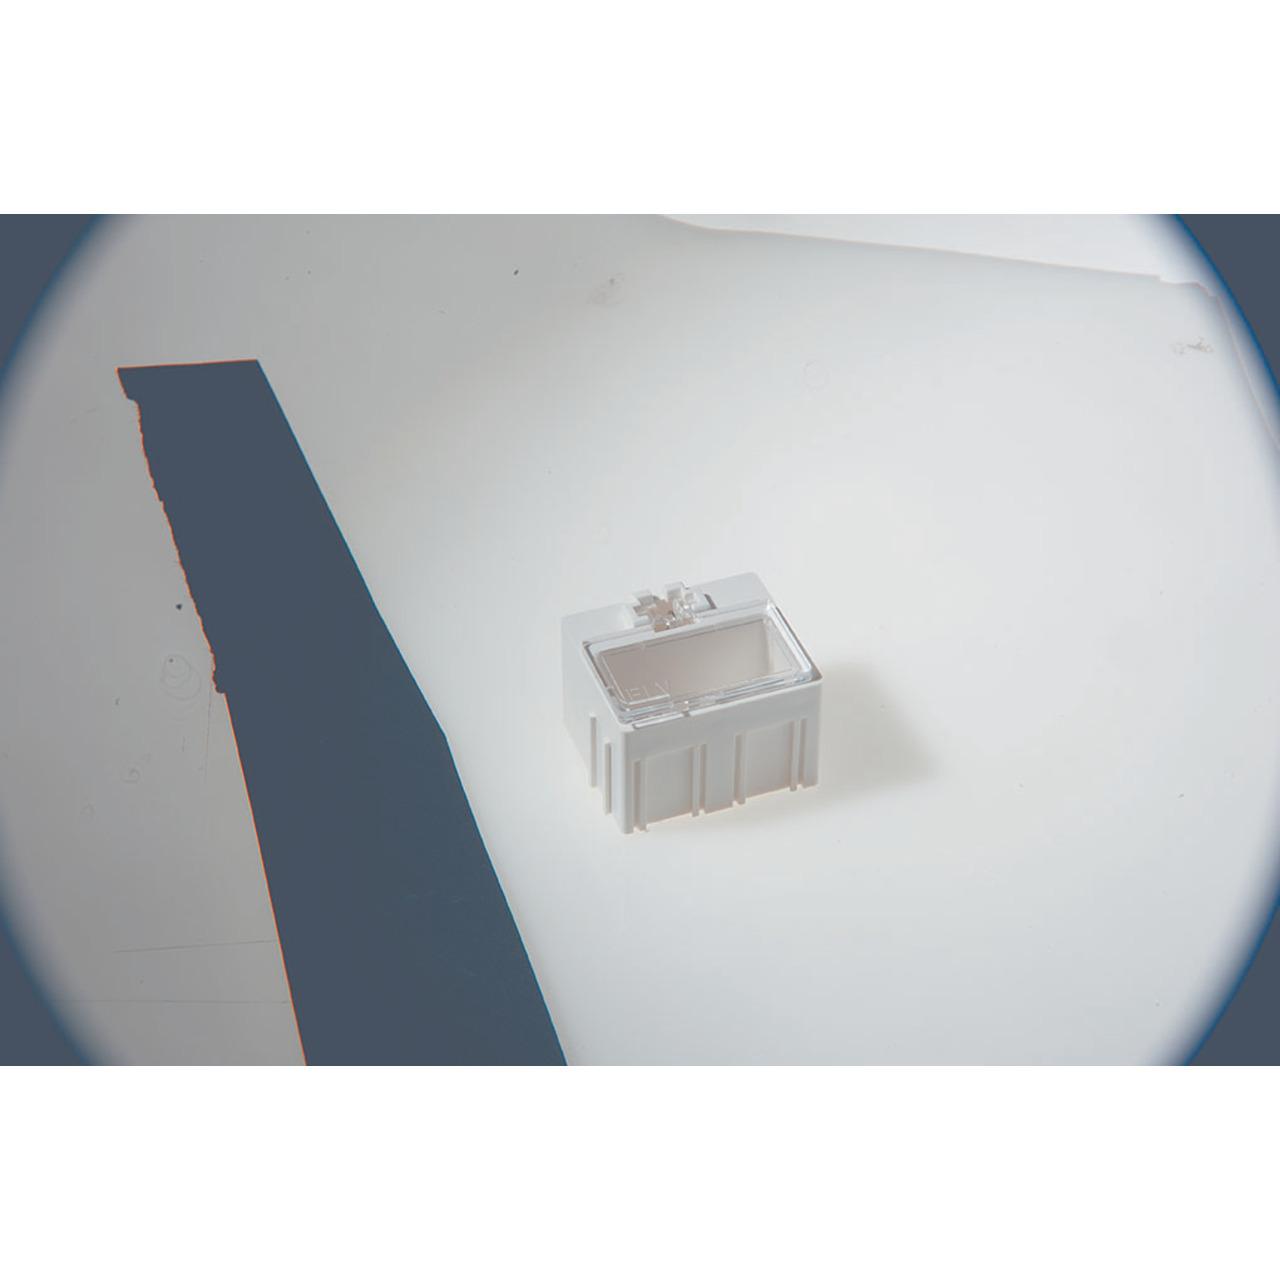 Image of 10er-Set ELV SMD-Sortierbox, Altweiß, 23 x 31 x 27 mm